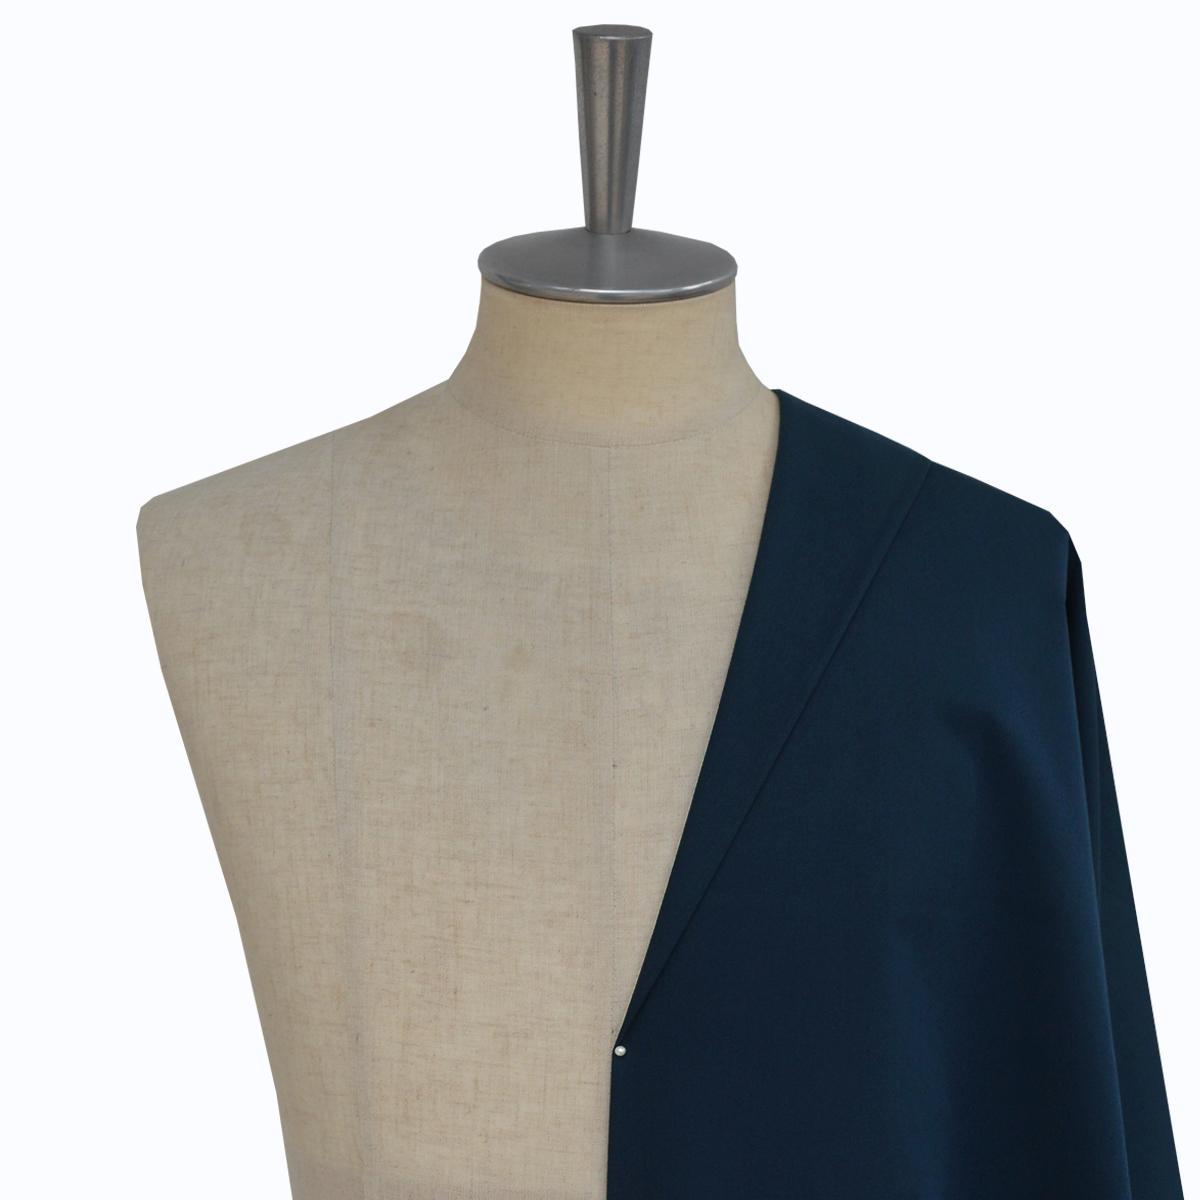 [オーダースーツ]コットン100%ネイビー、幅広く活躍できる一着に。